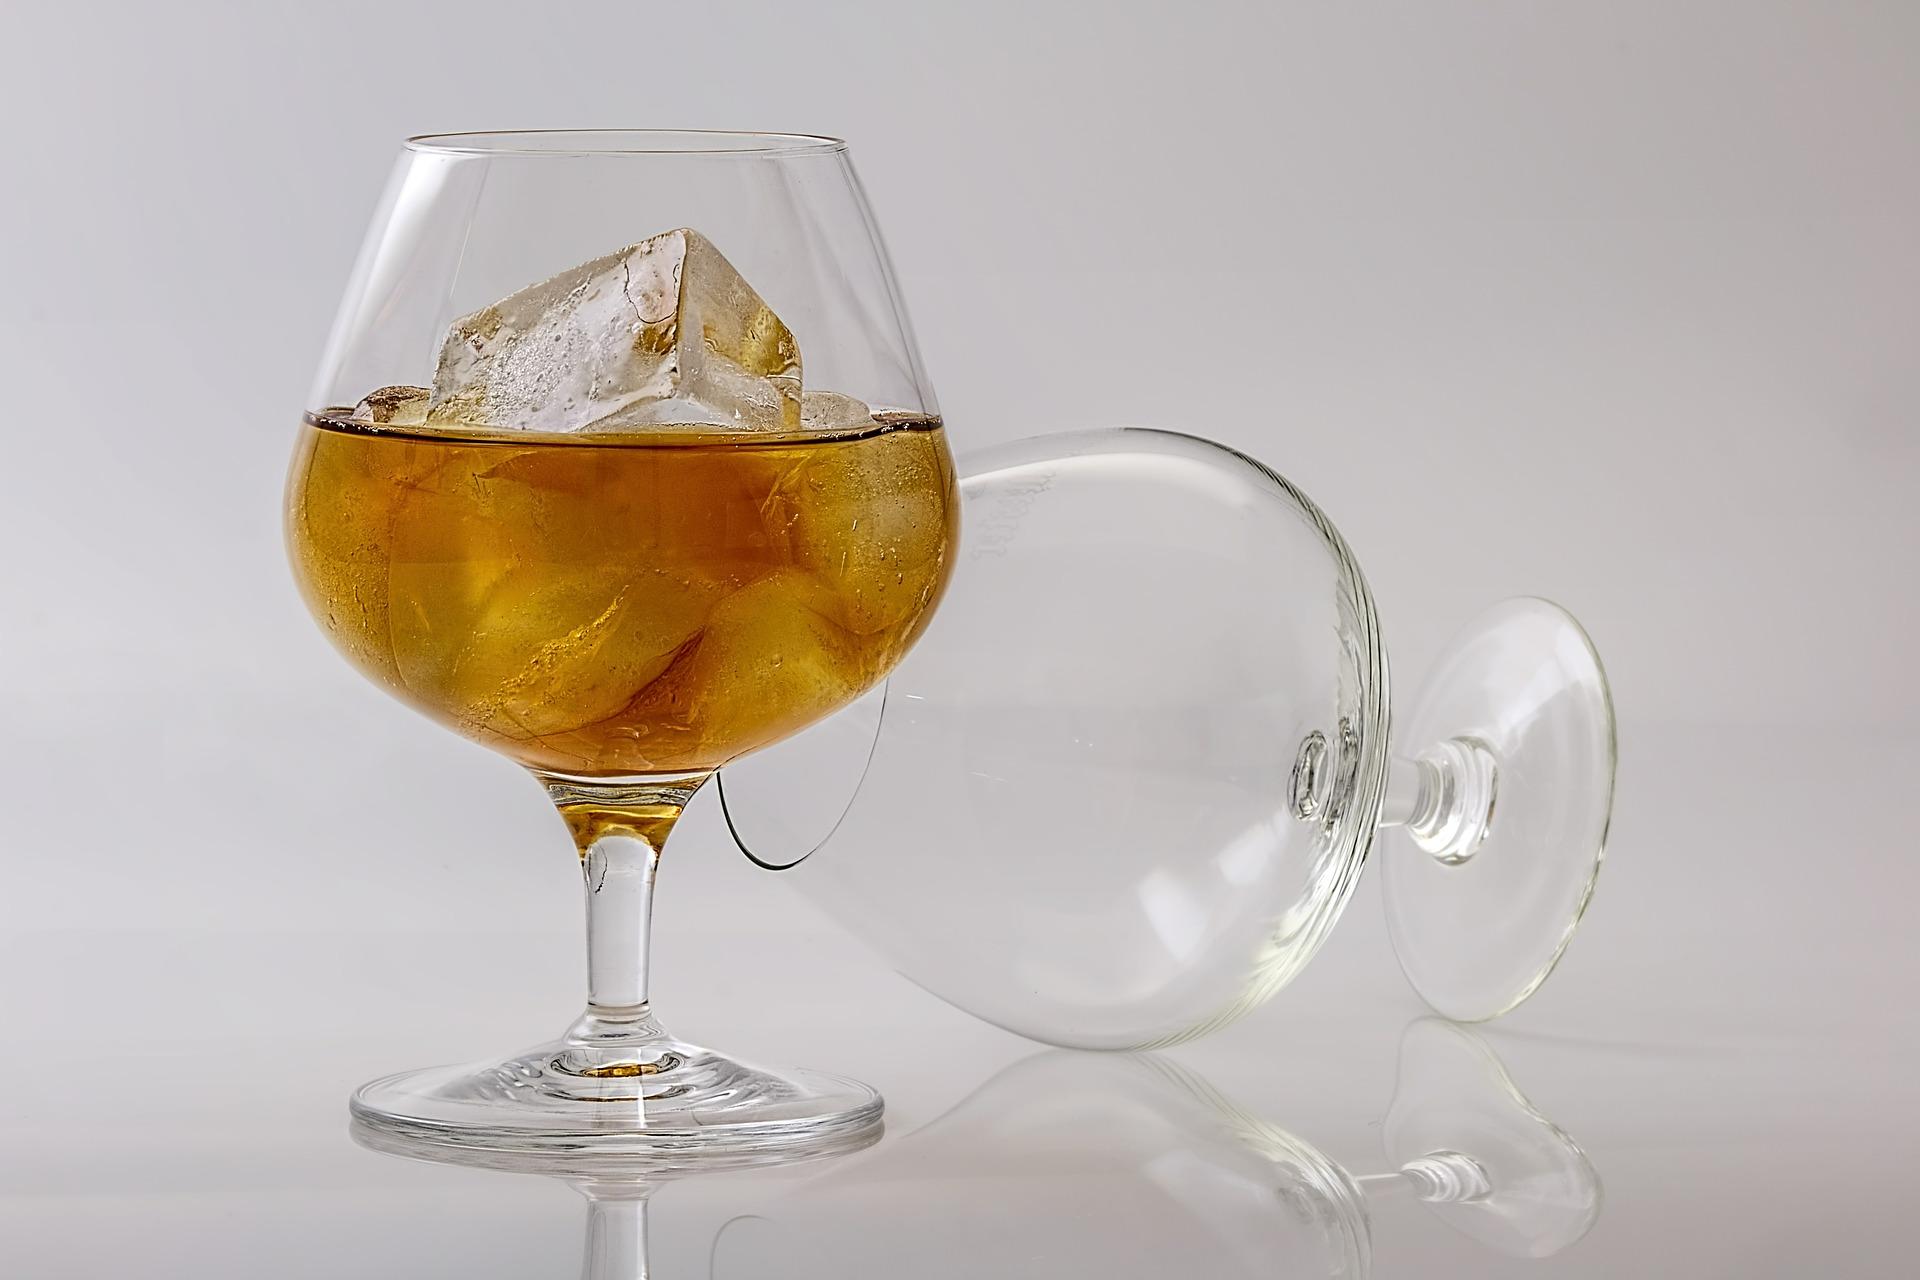 Comment bien déguster un cognac ? 3